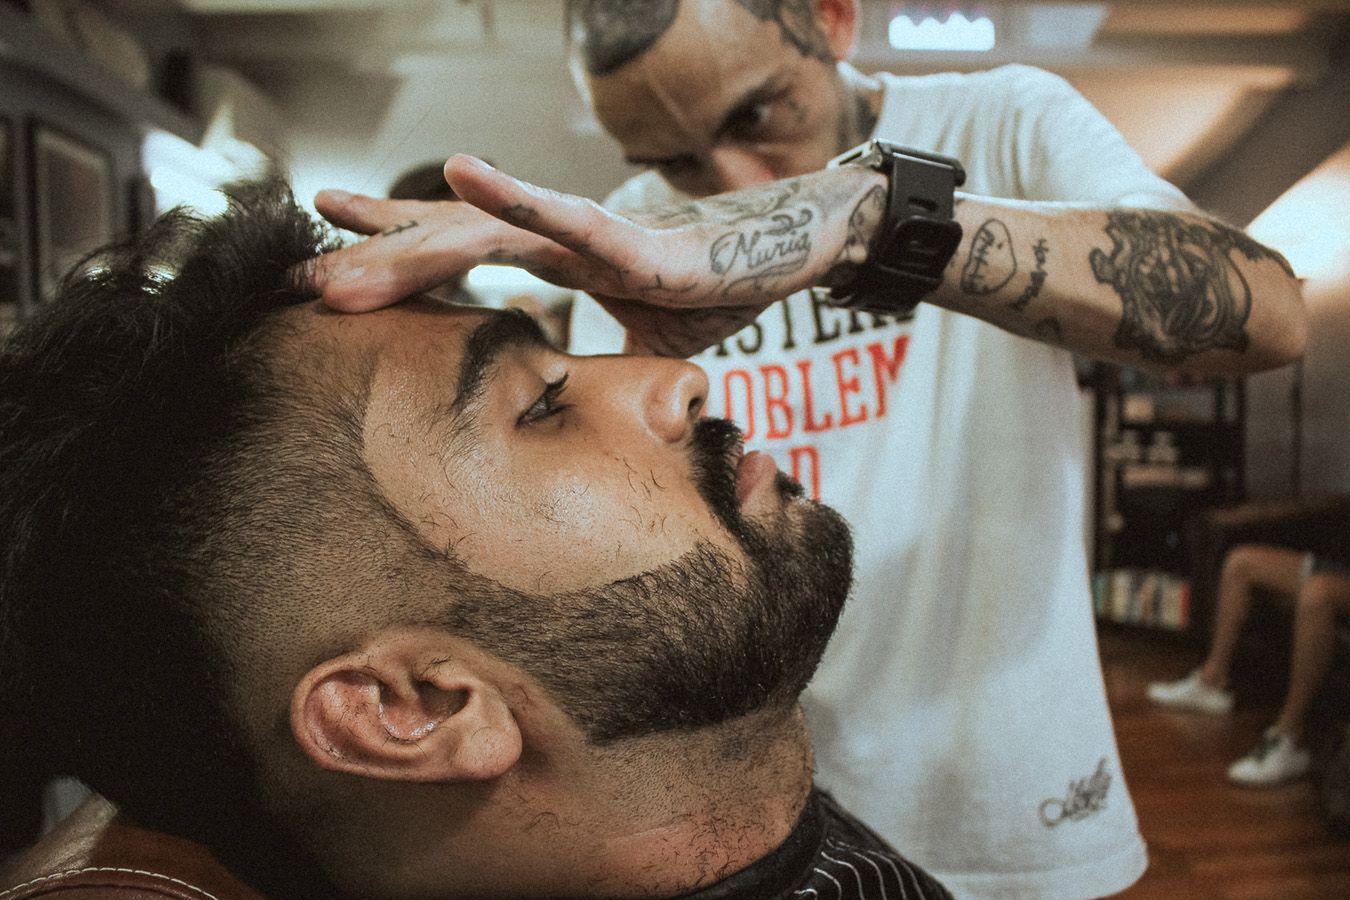 Gentlemen's Barber DeepCut Barber's